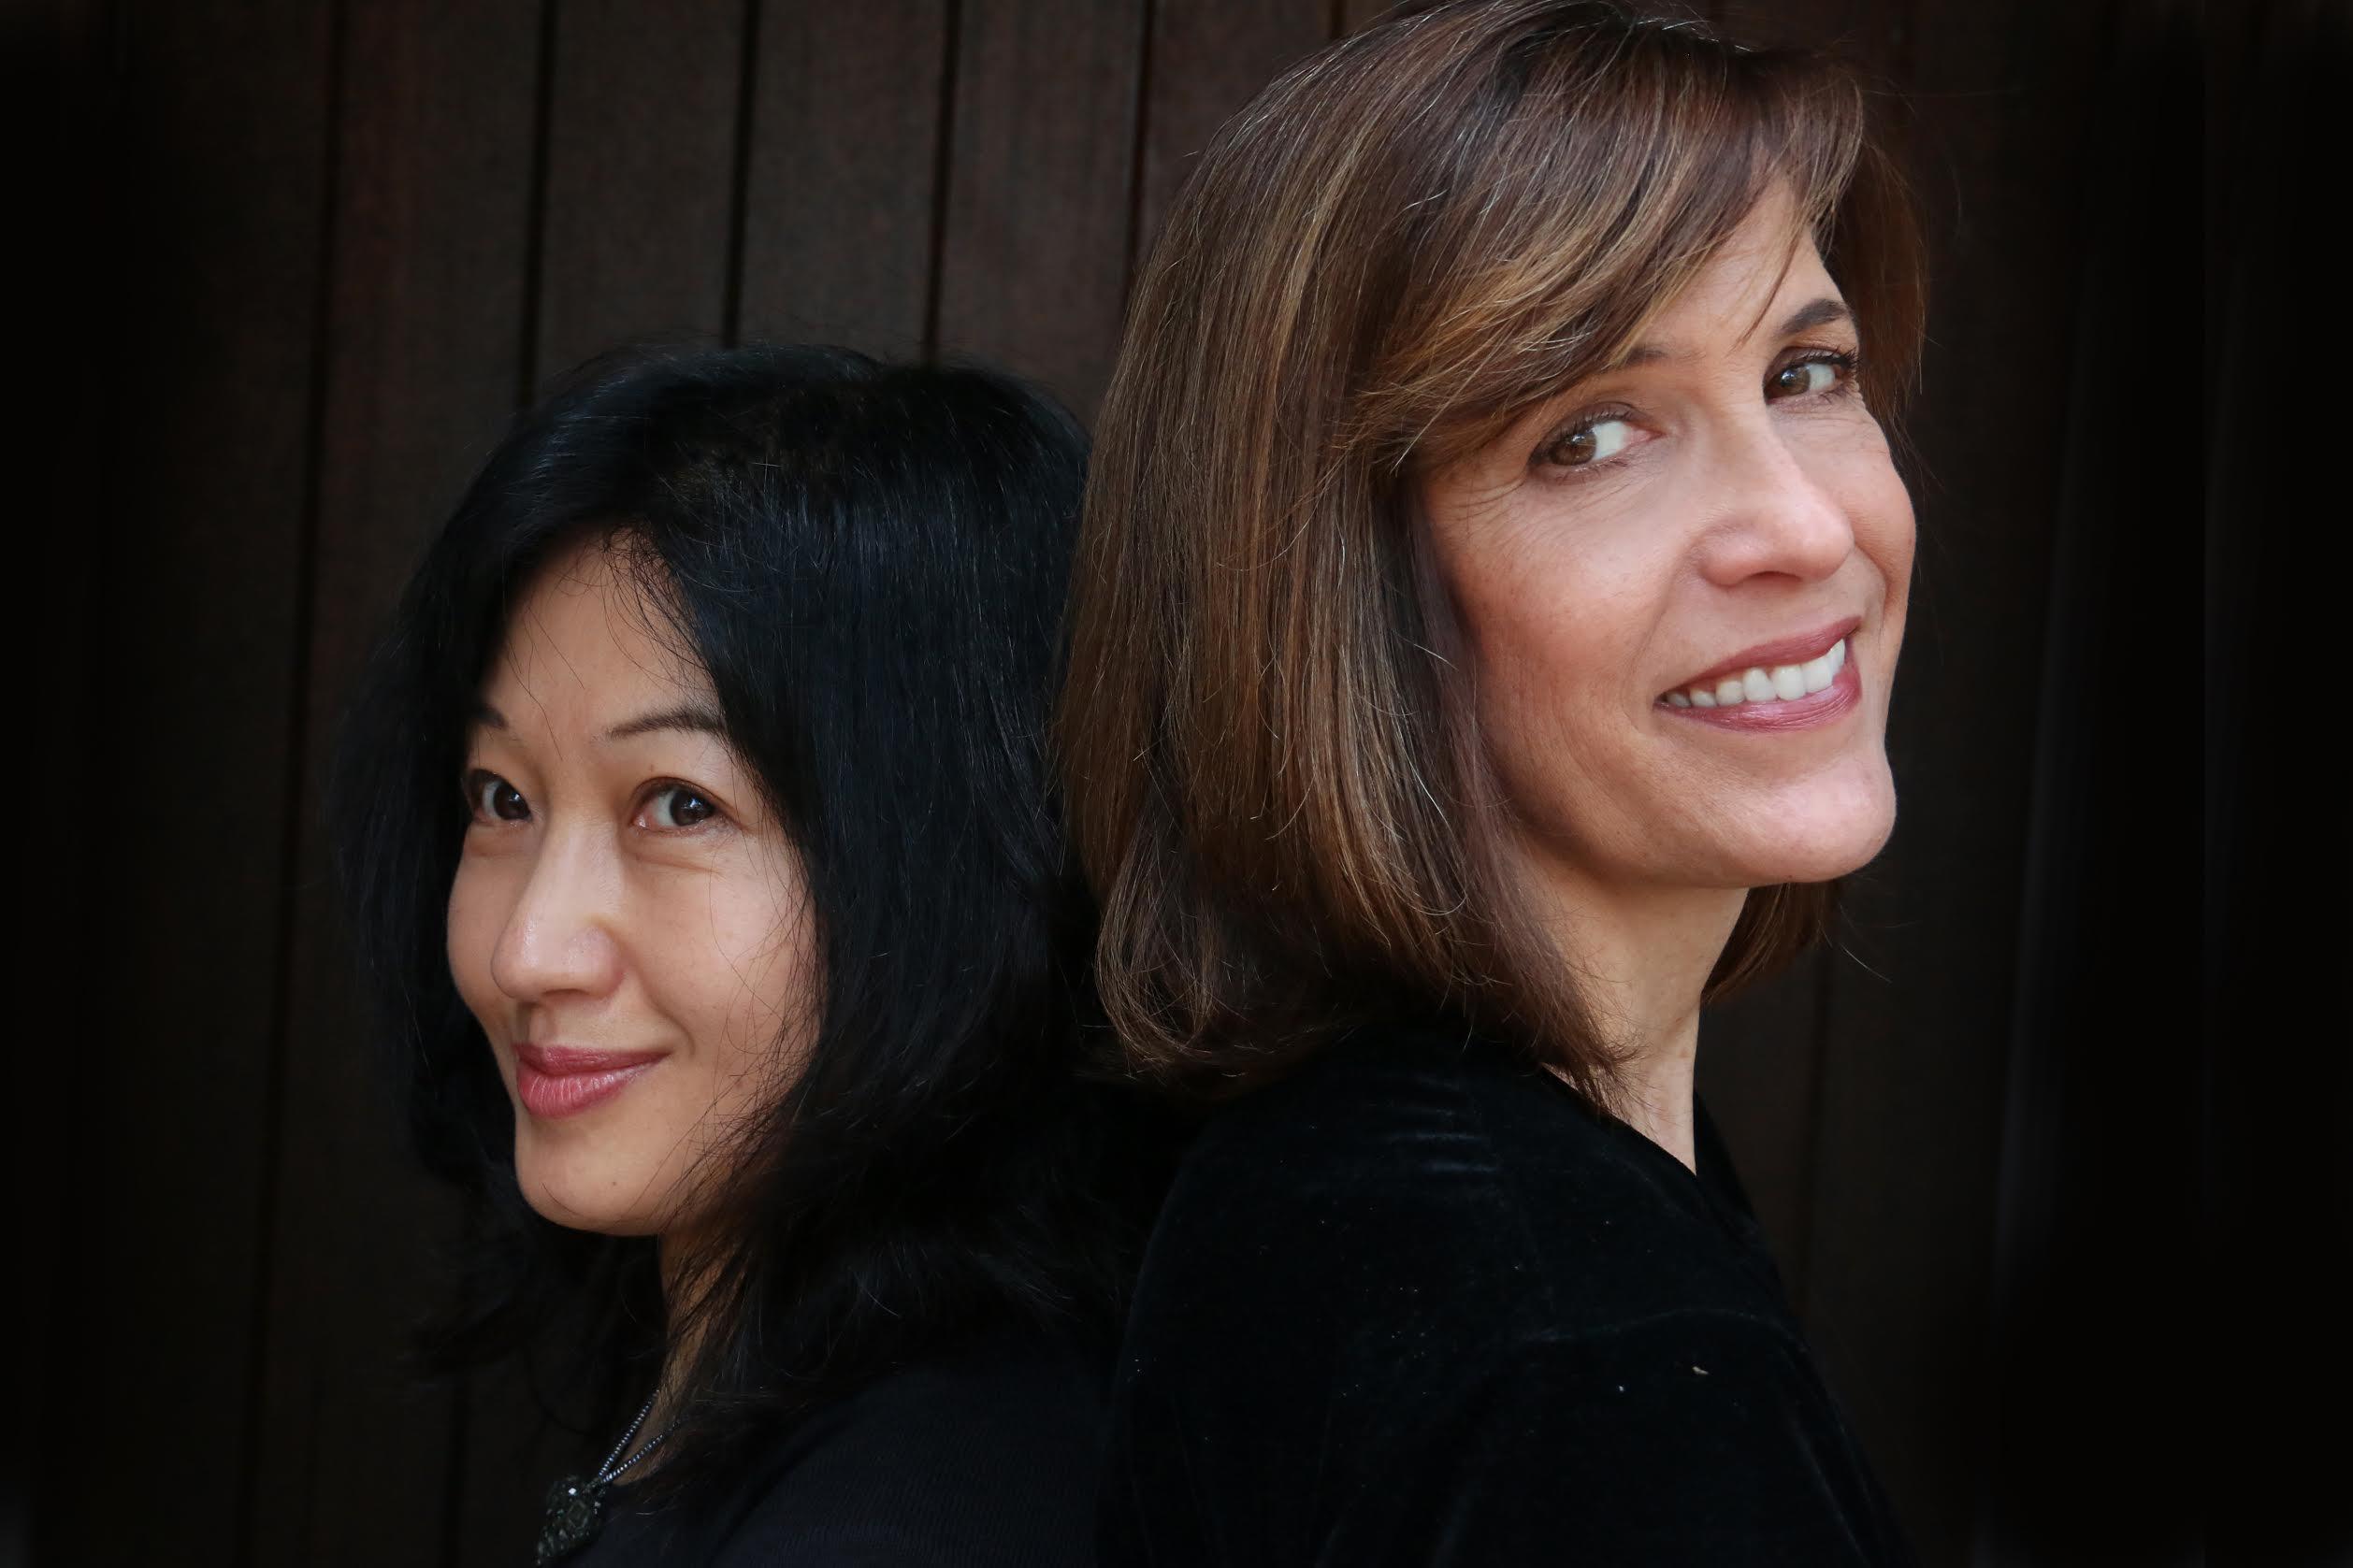 Tomoko and Sarah #1